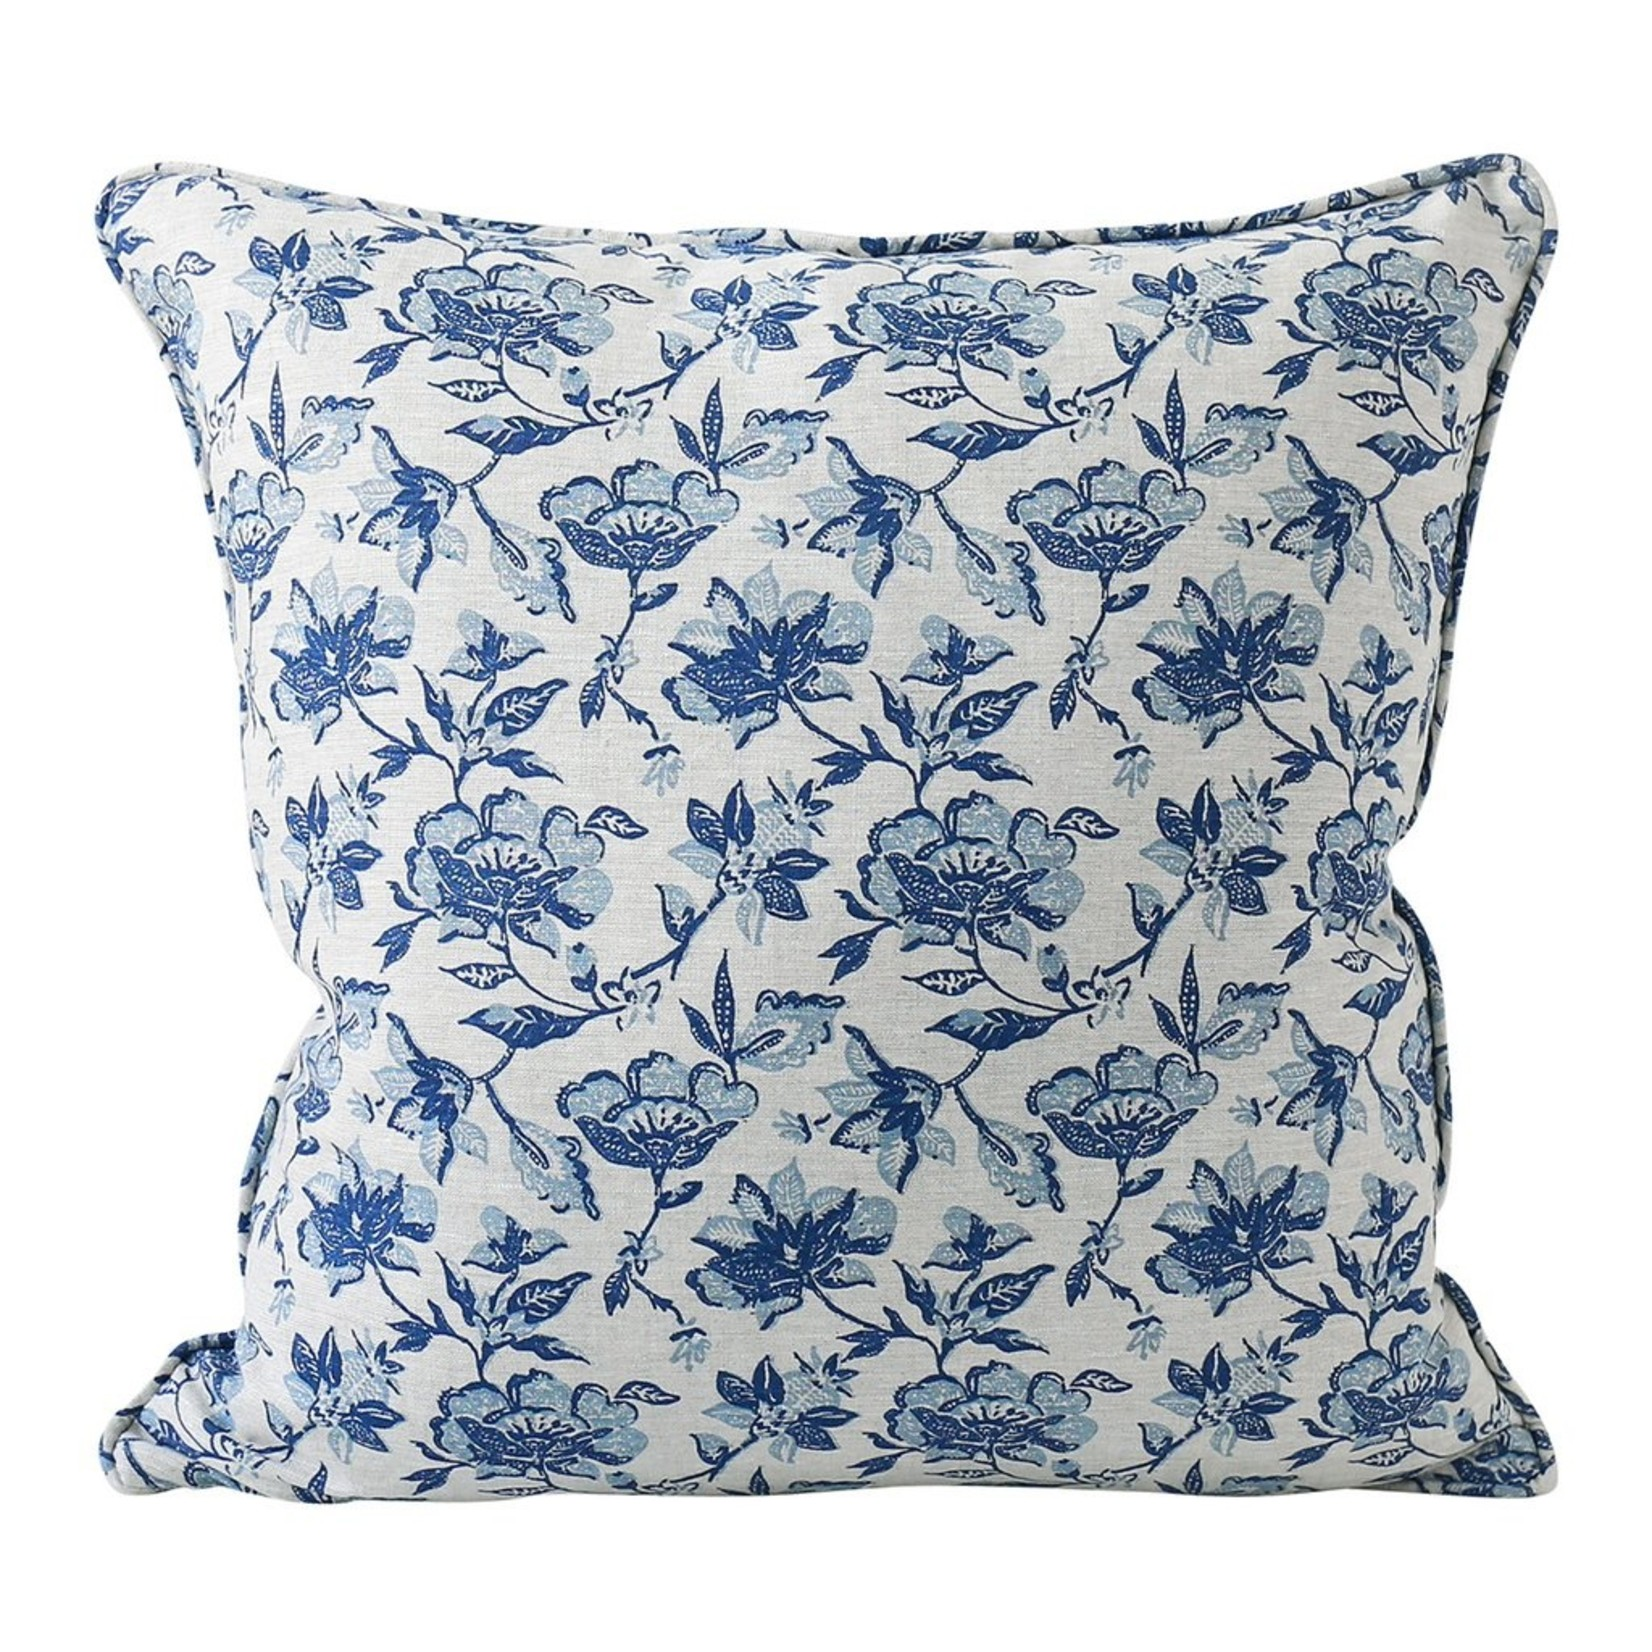 Walter G Java Linen Pillow